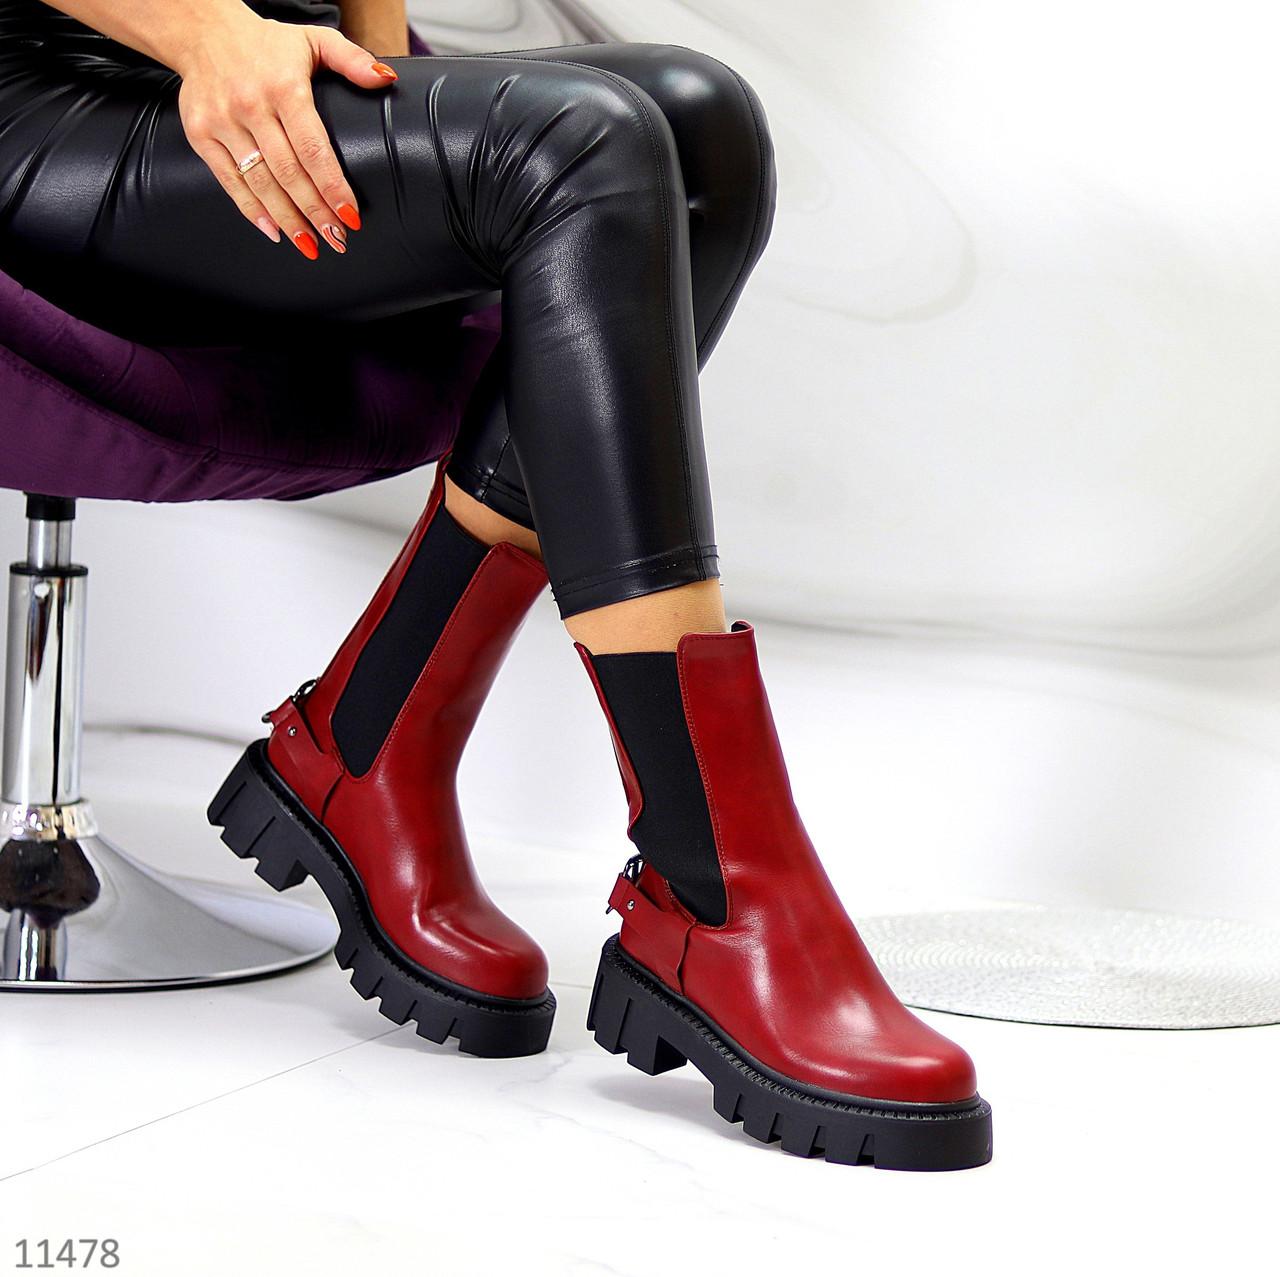 Высокие модные бордовые марсала женские ботинки челси с эластичными вставками по бокам